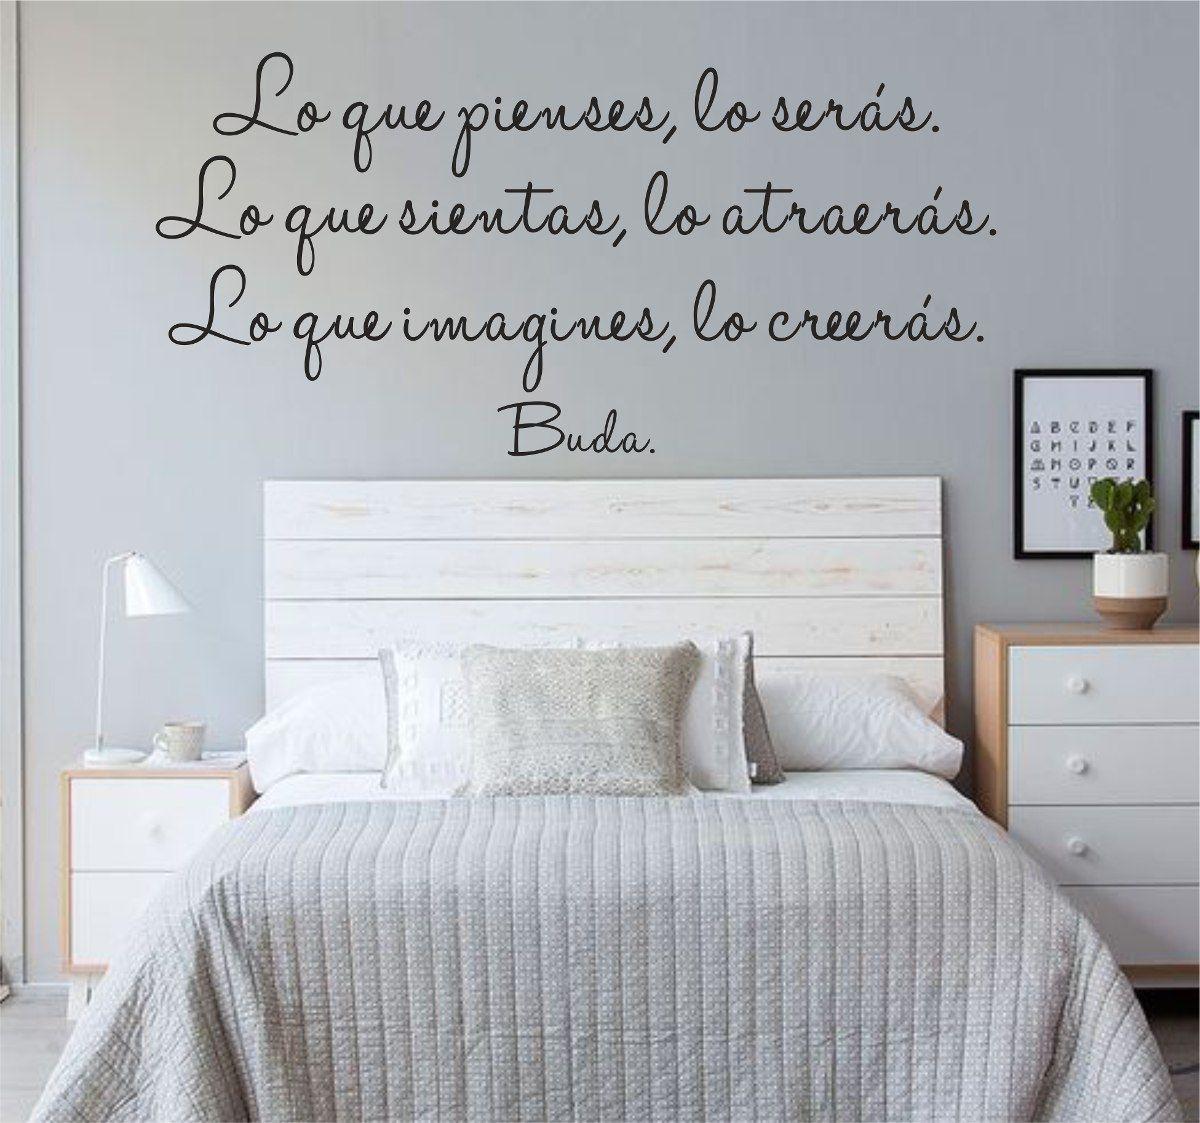 Vinilos decorativos pared frases personalizados y m s room bedrooms and house - Vinilos decorativos pared personalizados ...